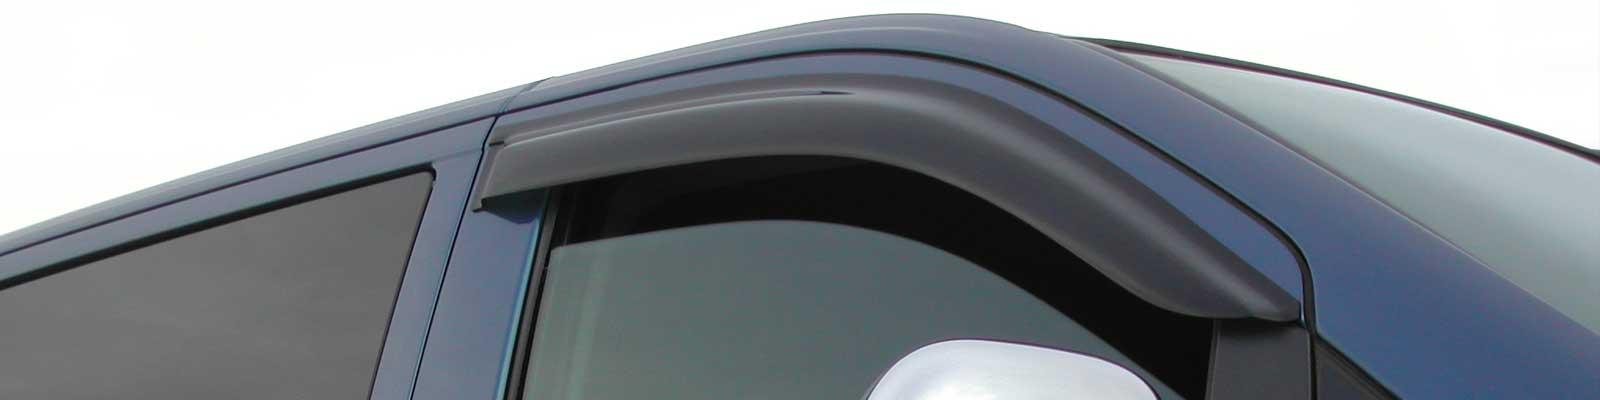 Window Deflectors For Vans